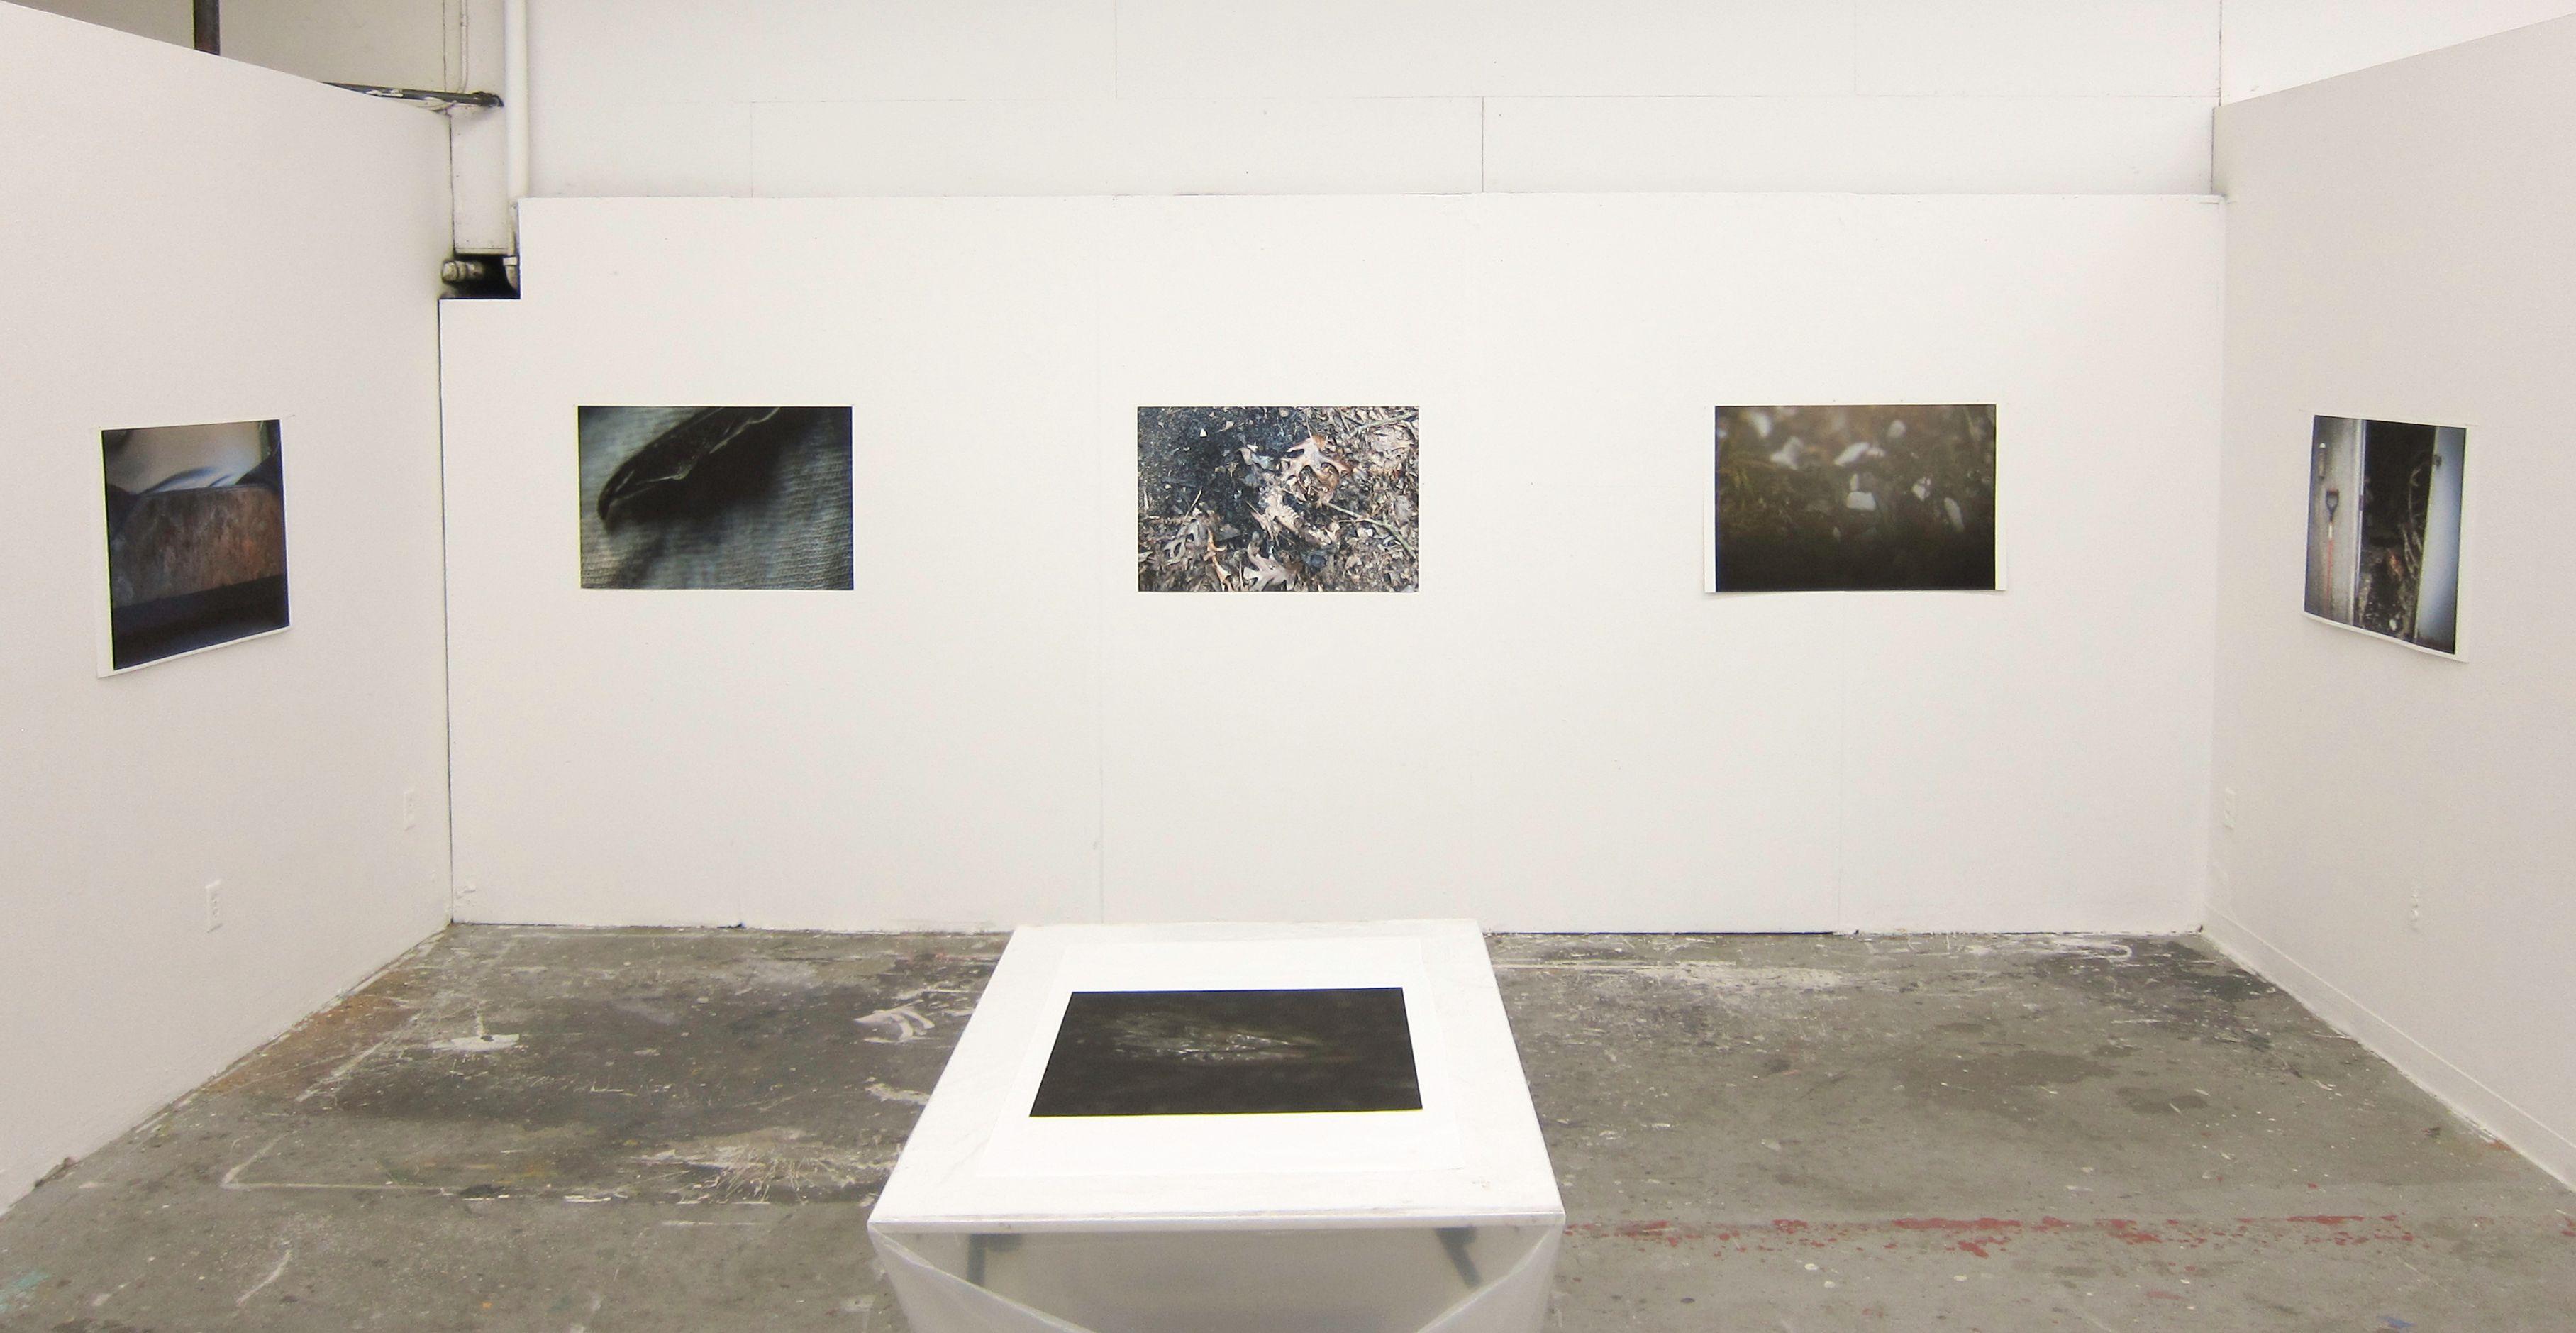 ExhibitionView-1_2013 2.jpg